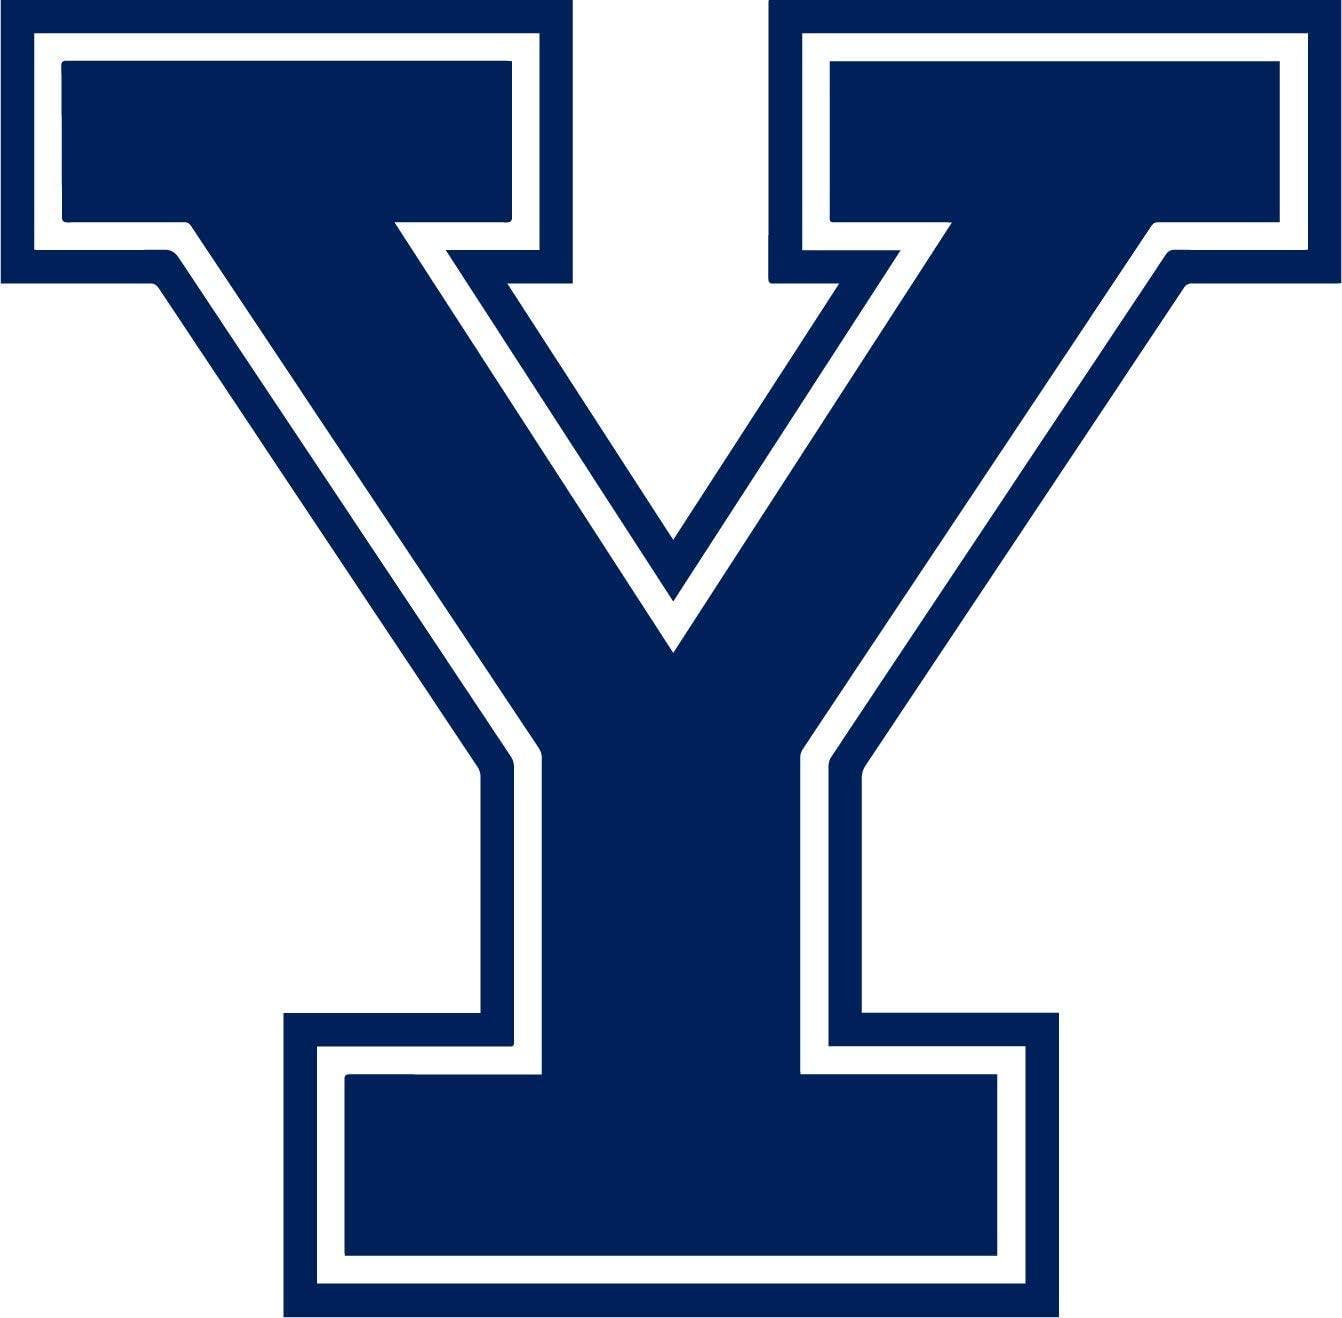 Yale image